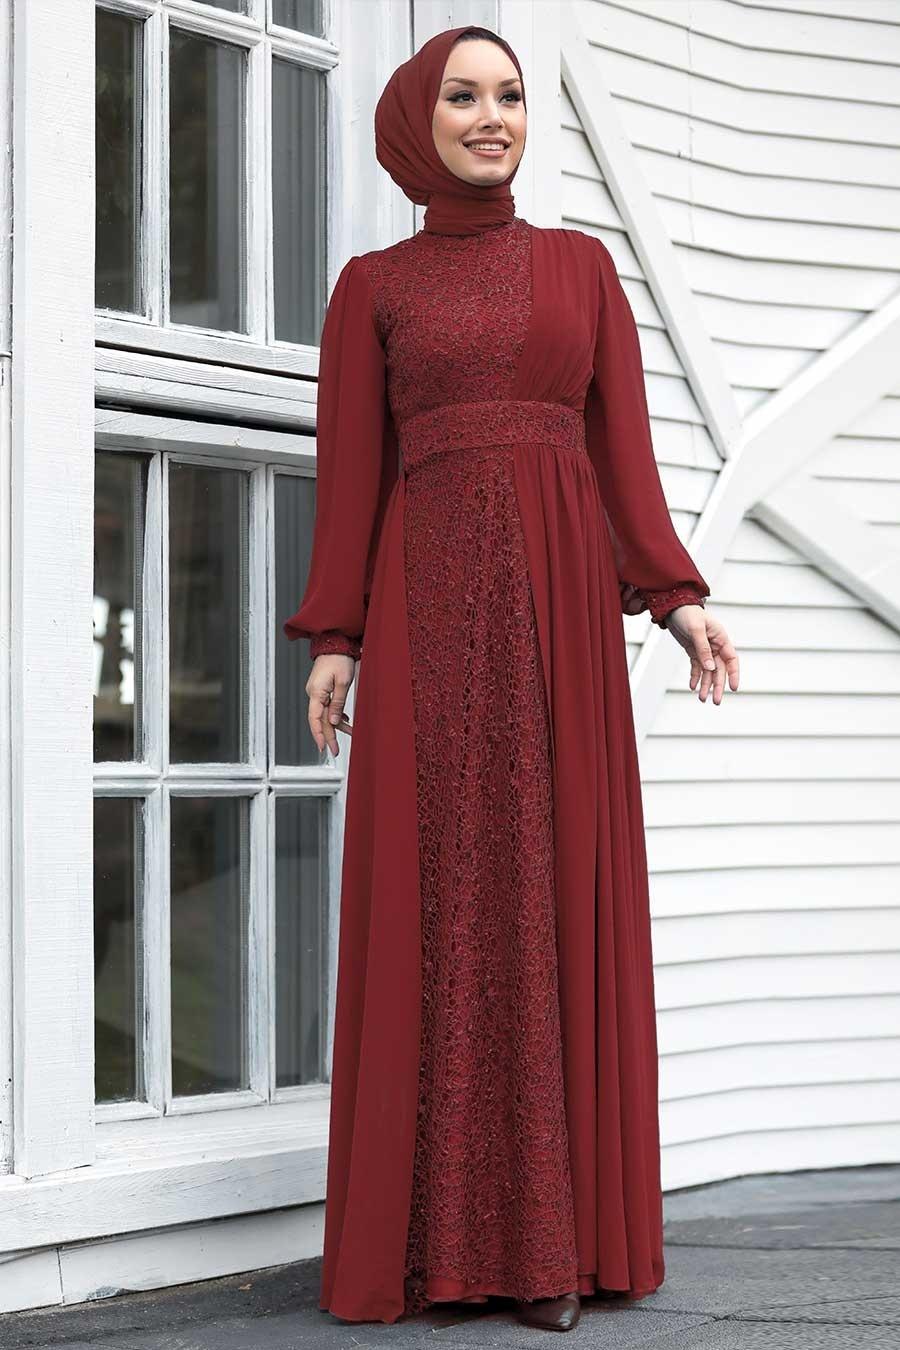 Tesettür Abiye Elbise - Pul Payetli Bordo Tesettür Abiye Elbise 5408BR